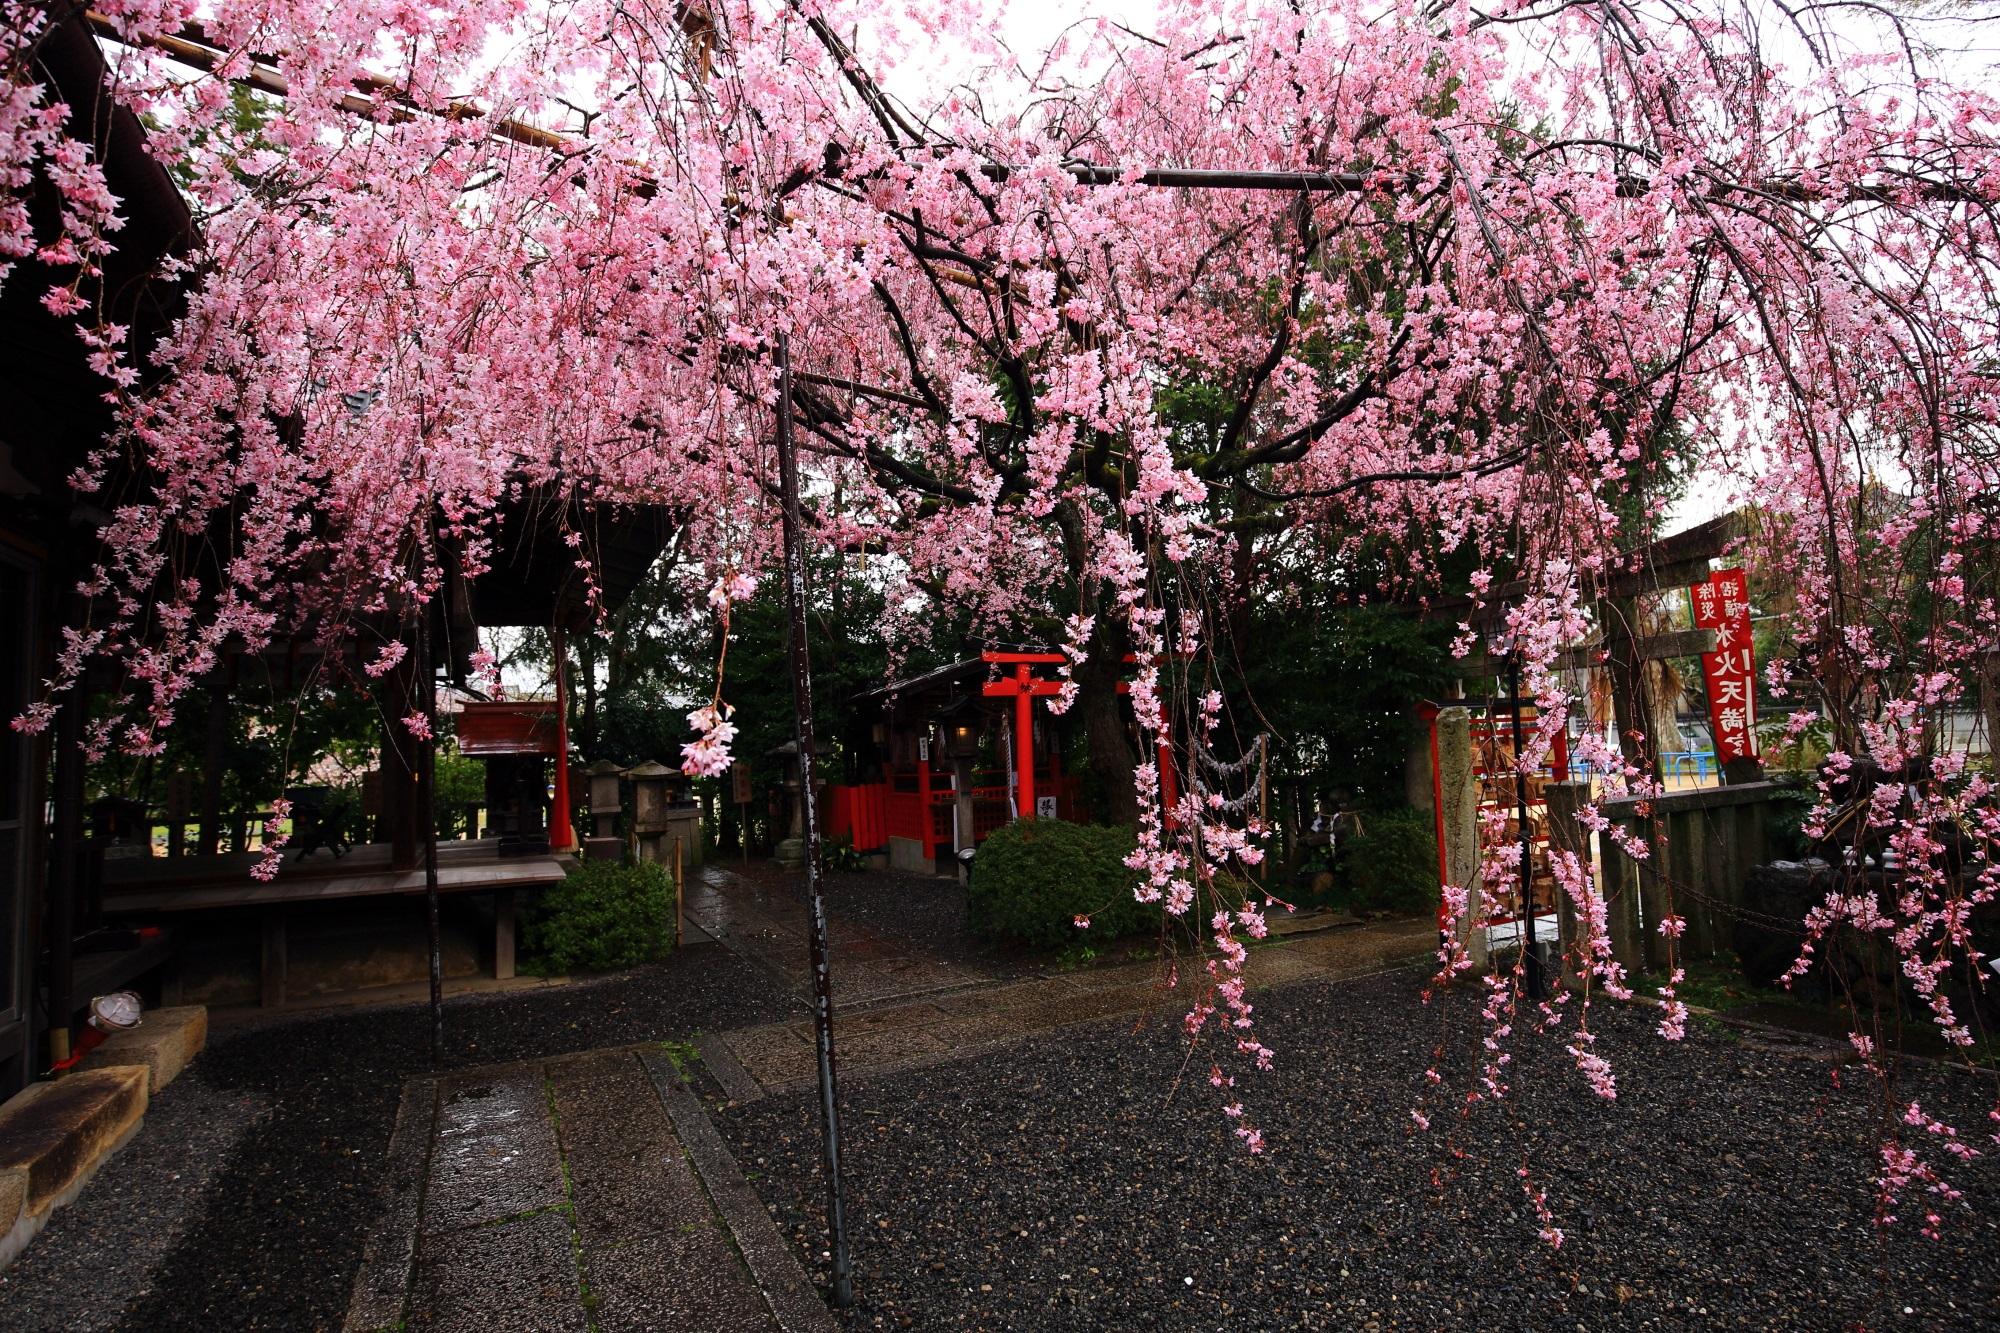 水火天満宮の境内を覆いつくすような立派なしだれ桜